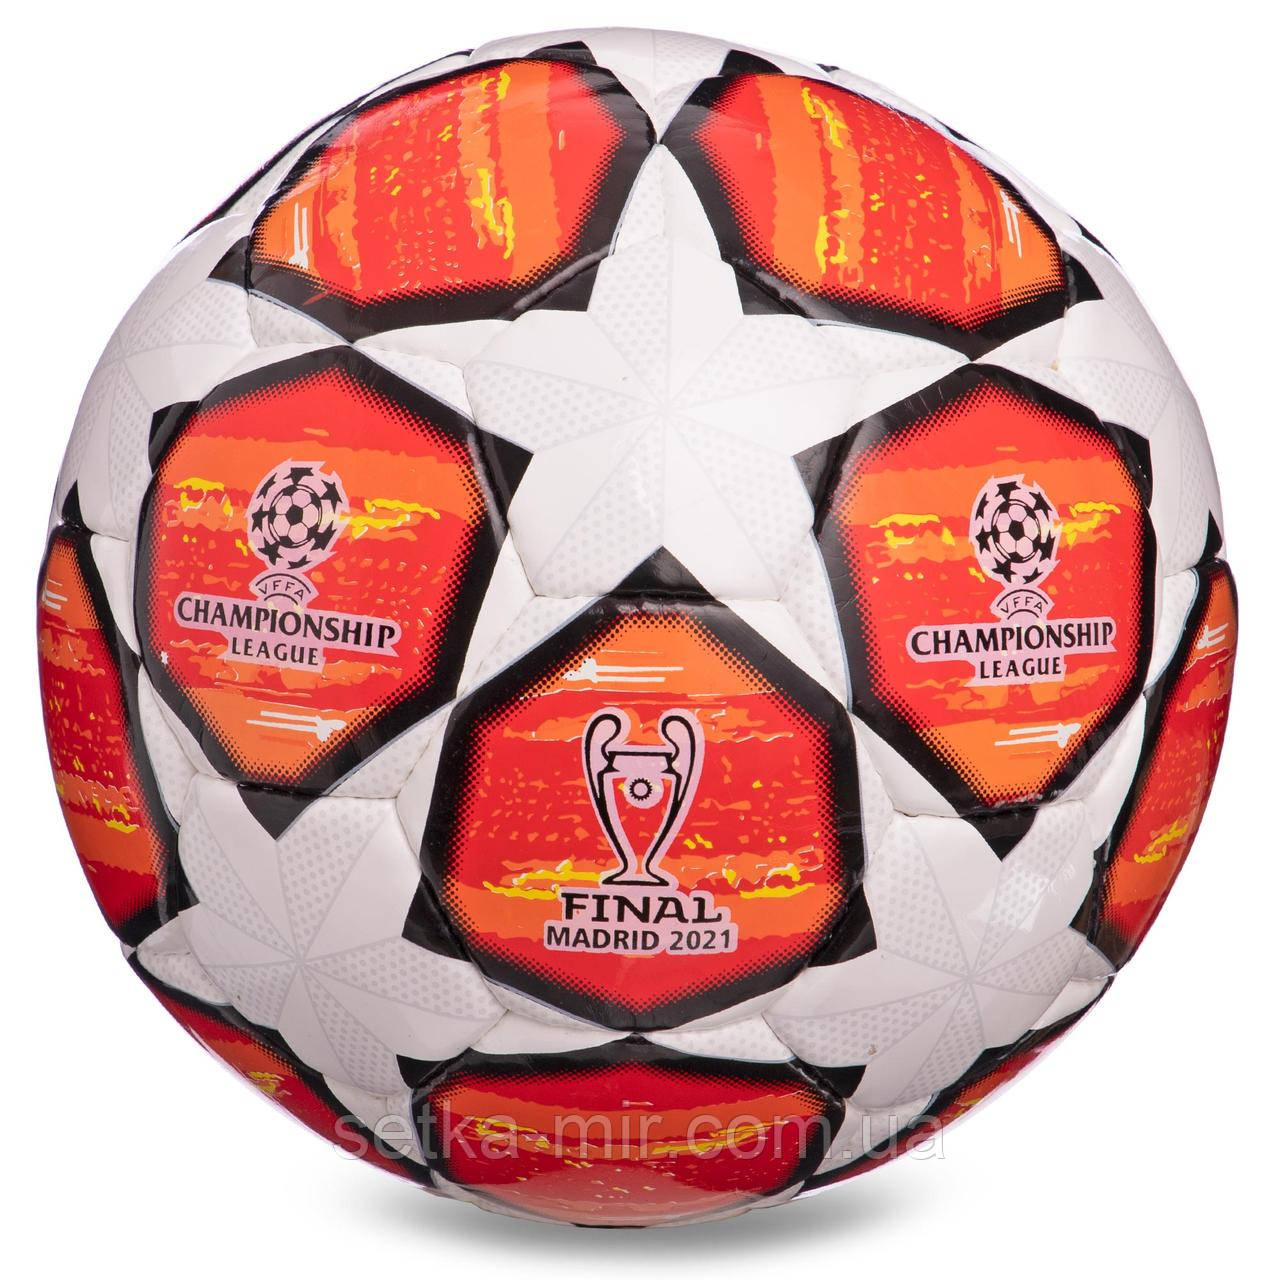 М'яч футбольний №5 PU ламін. CHAMPIONS LEAGUE FB-0149-2 (№5, 5 сл., Зшитий вручну, білий-червоний)